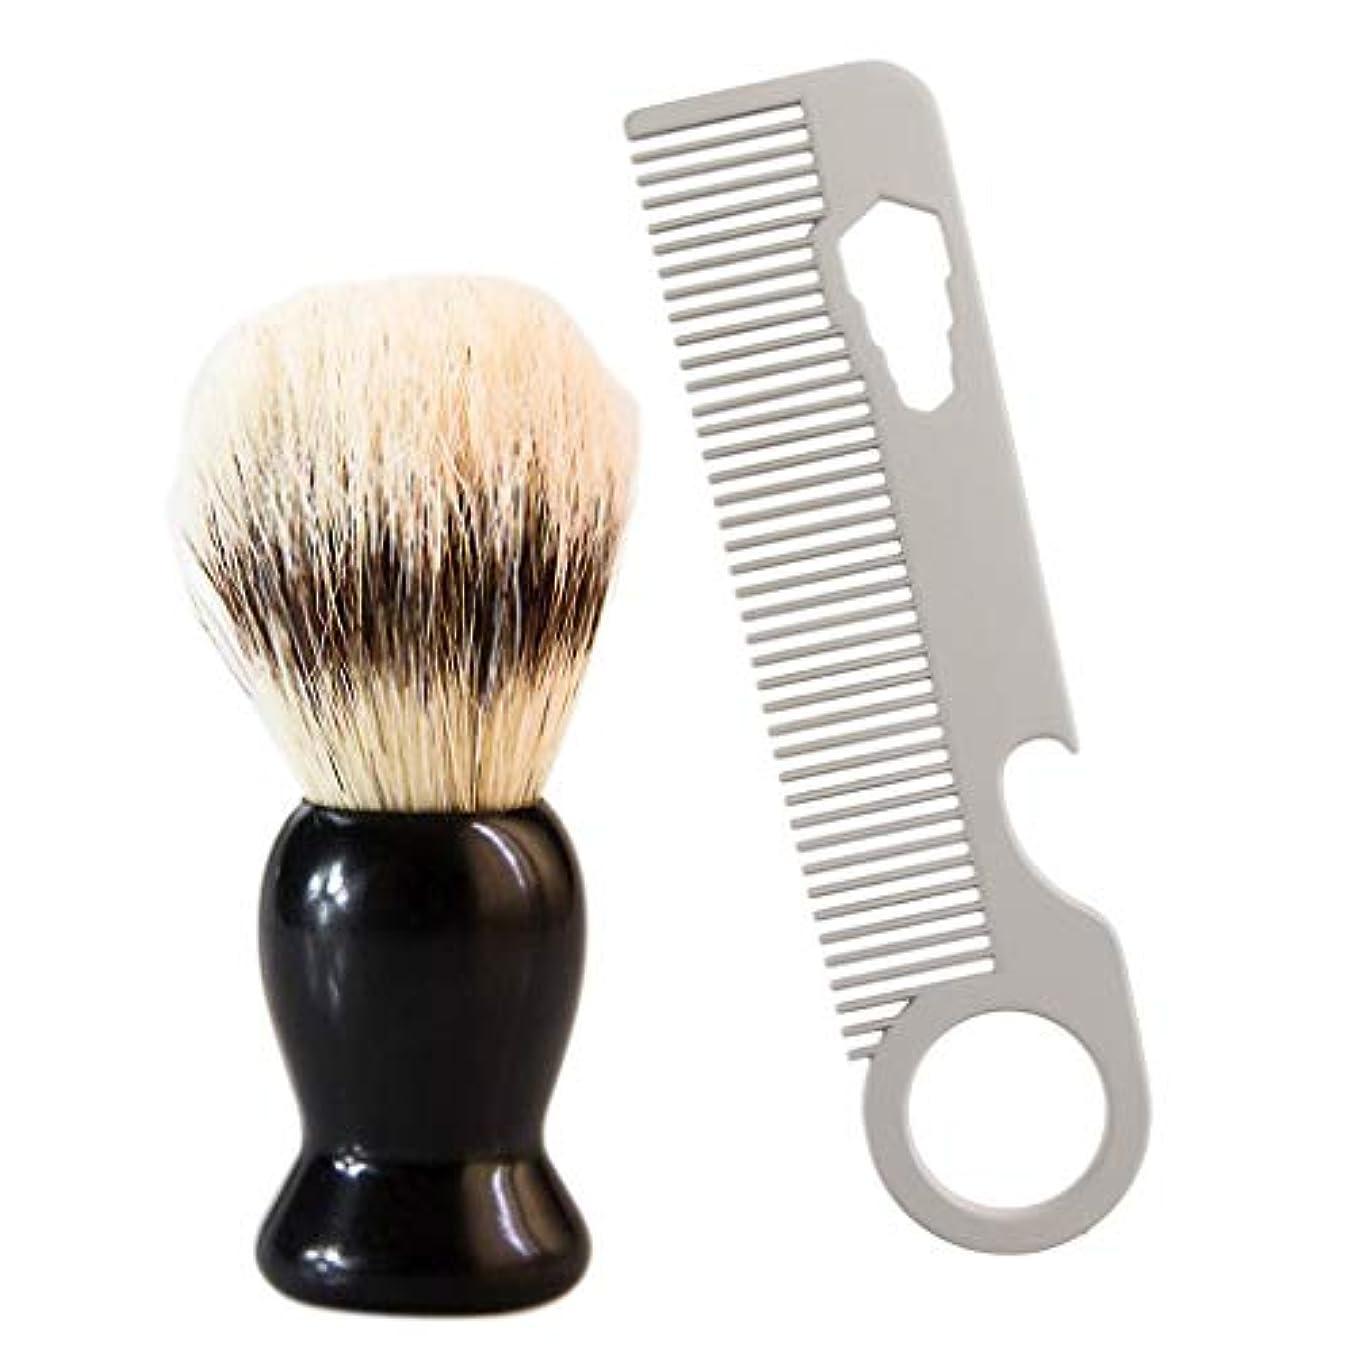 動揺させる配置はぁHellery メンズ シェービングブラシセット ひげ剃り櫛 理容 洗顔 髭剃り 家庭用 旅行 贈り物